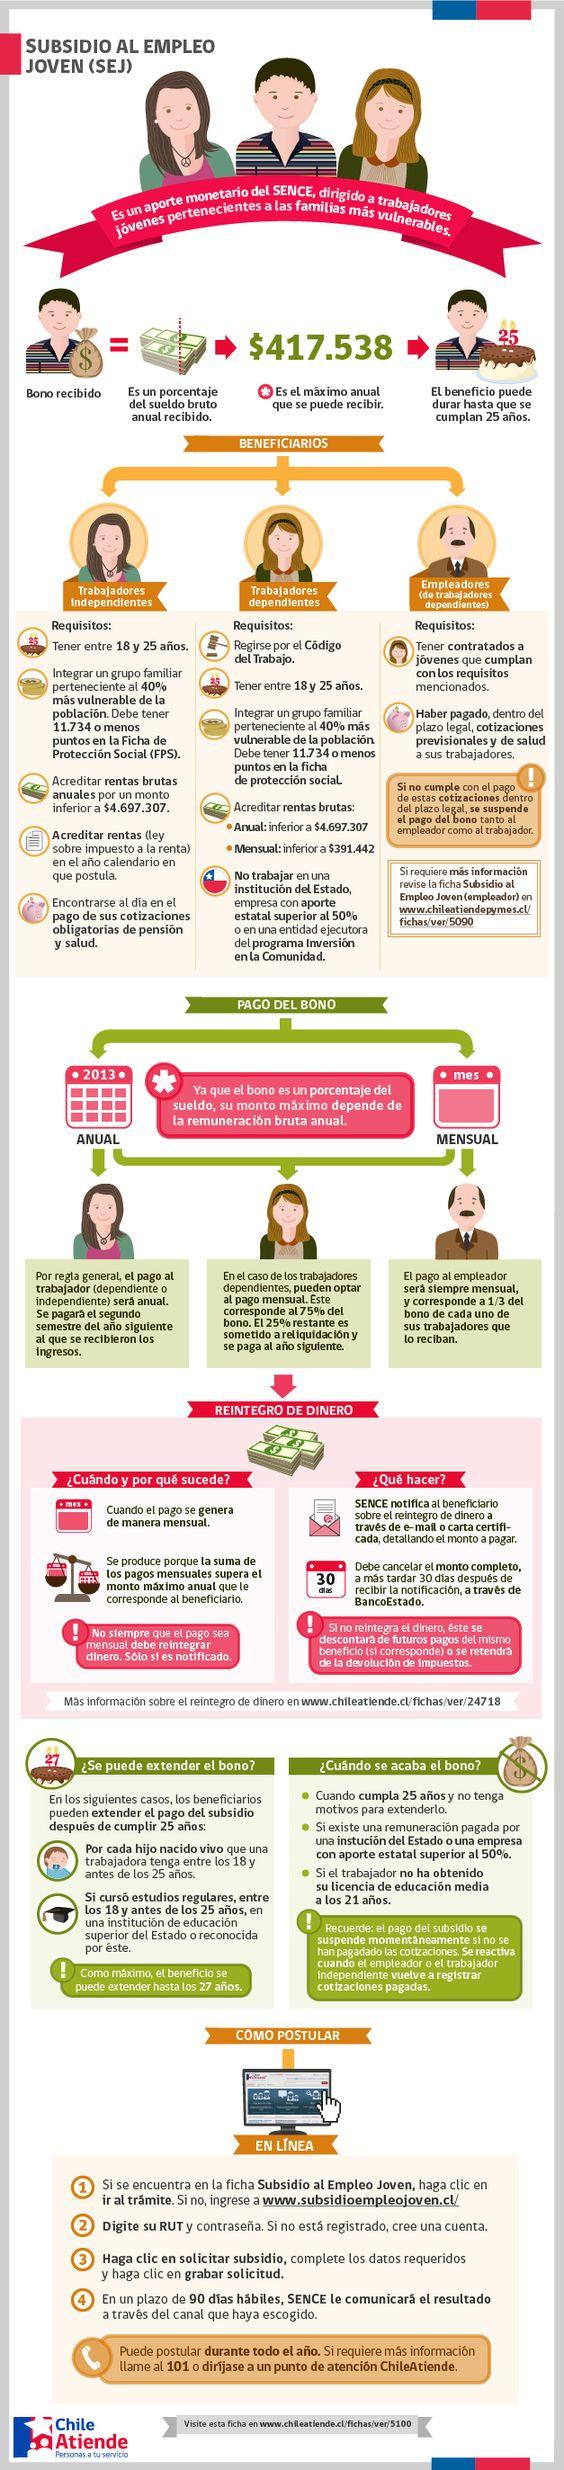 Subsidio al Empleo Joven (trabajador dependiente o independiente).